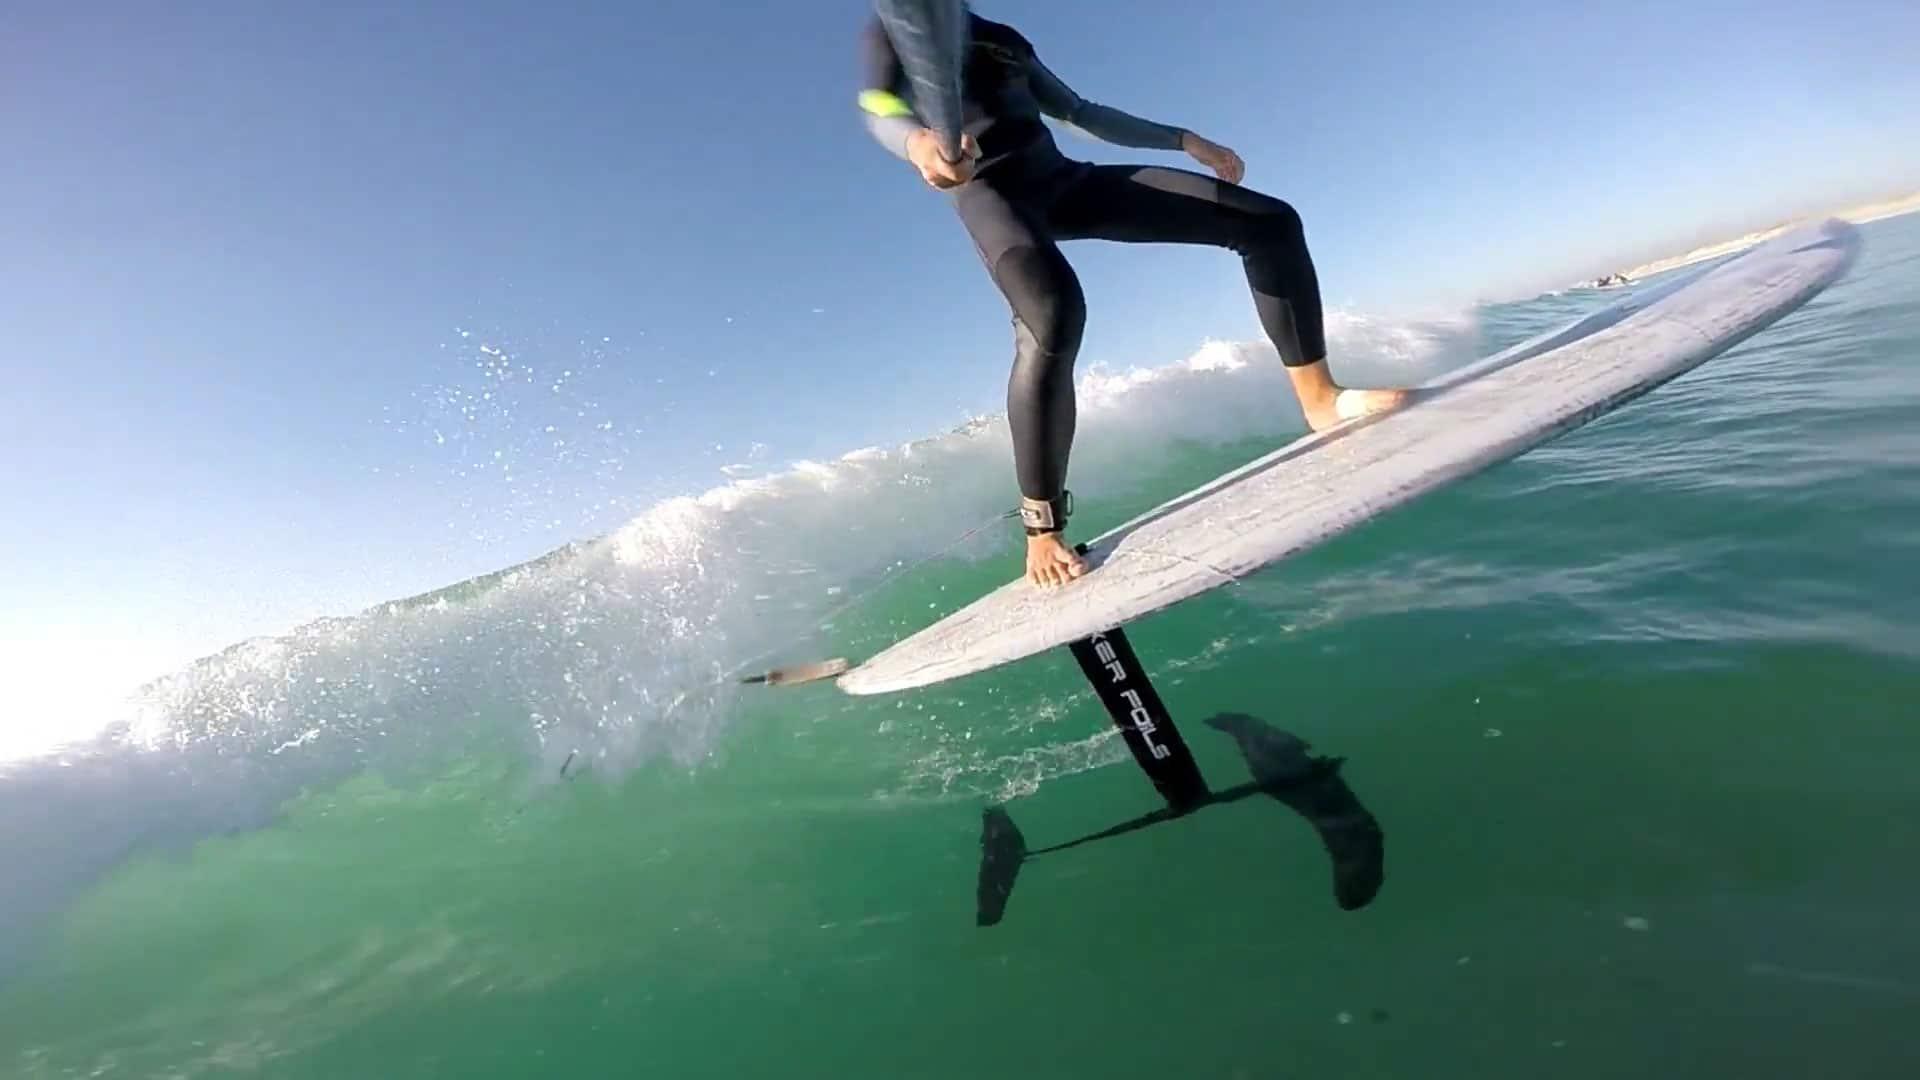 Découvrez le dernier stand up paddle Foil de la marque Kerfoils